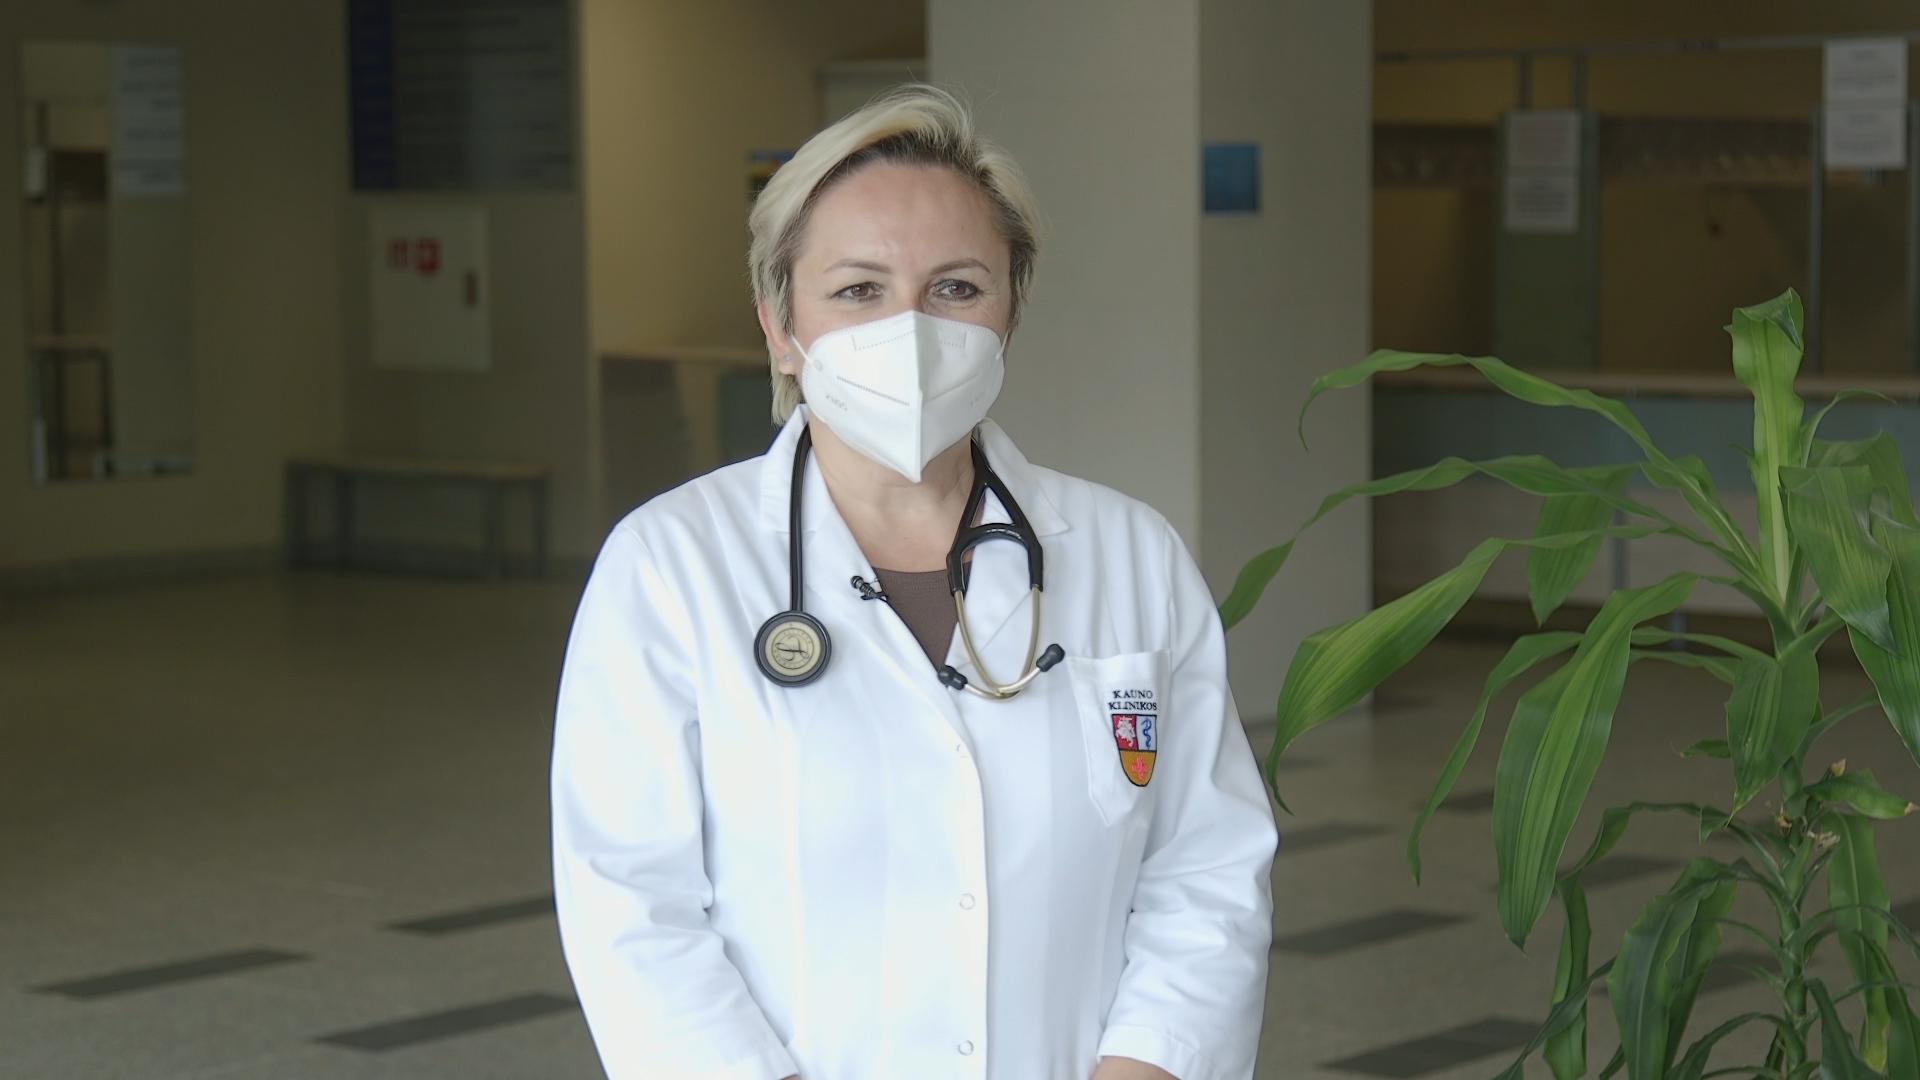 širdies ligų poveikis sveikatos priežiūros sistemai